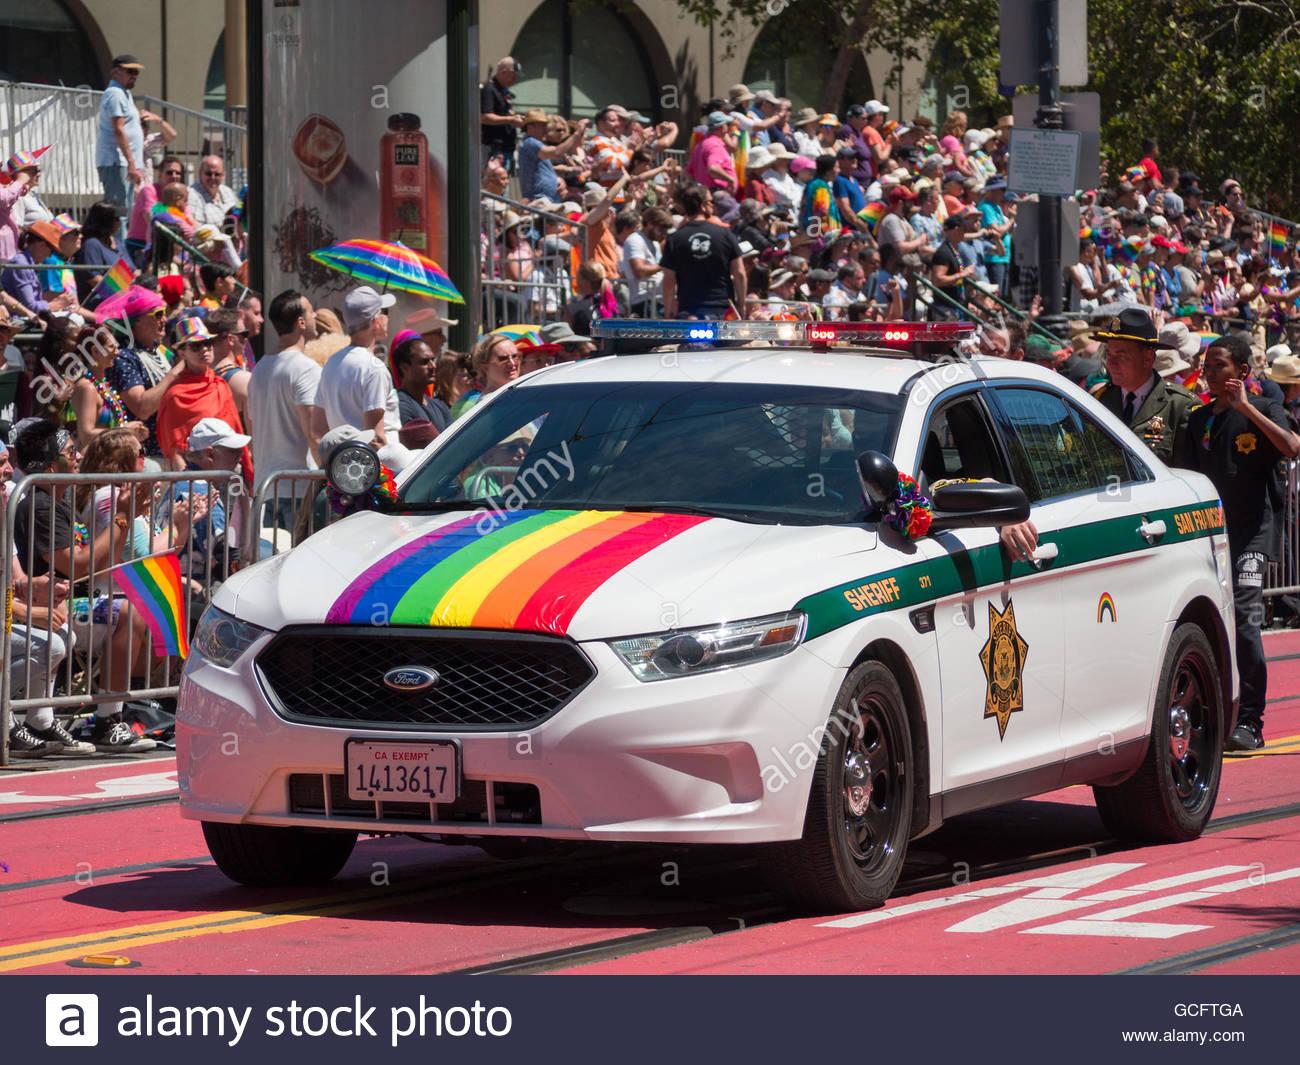 auto-della-polizia-con-bandiera-gay-in-san-francisco-pride-parade-2016-gcftga